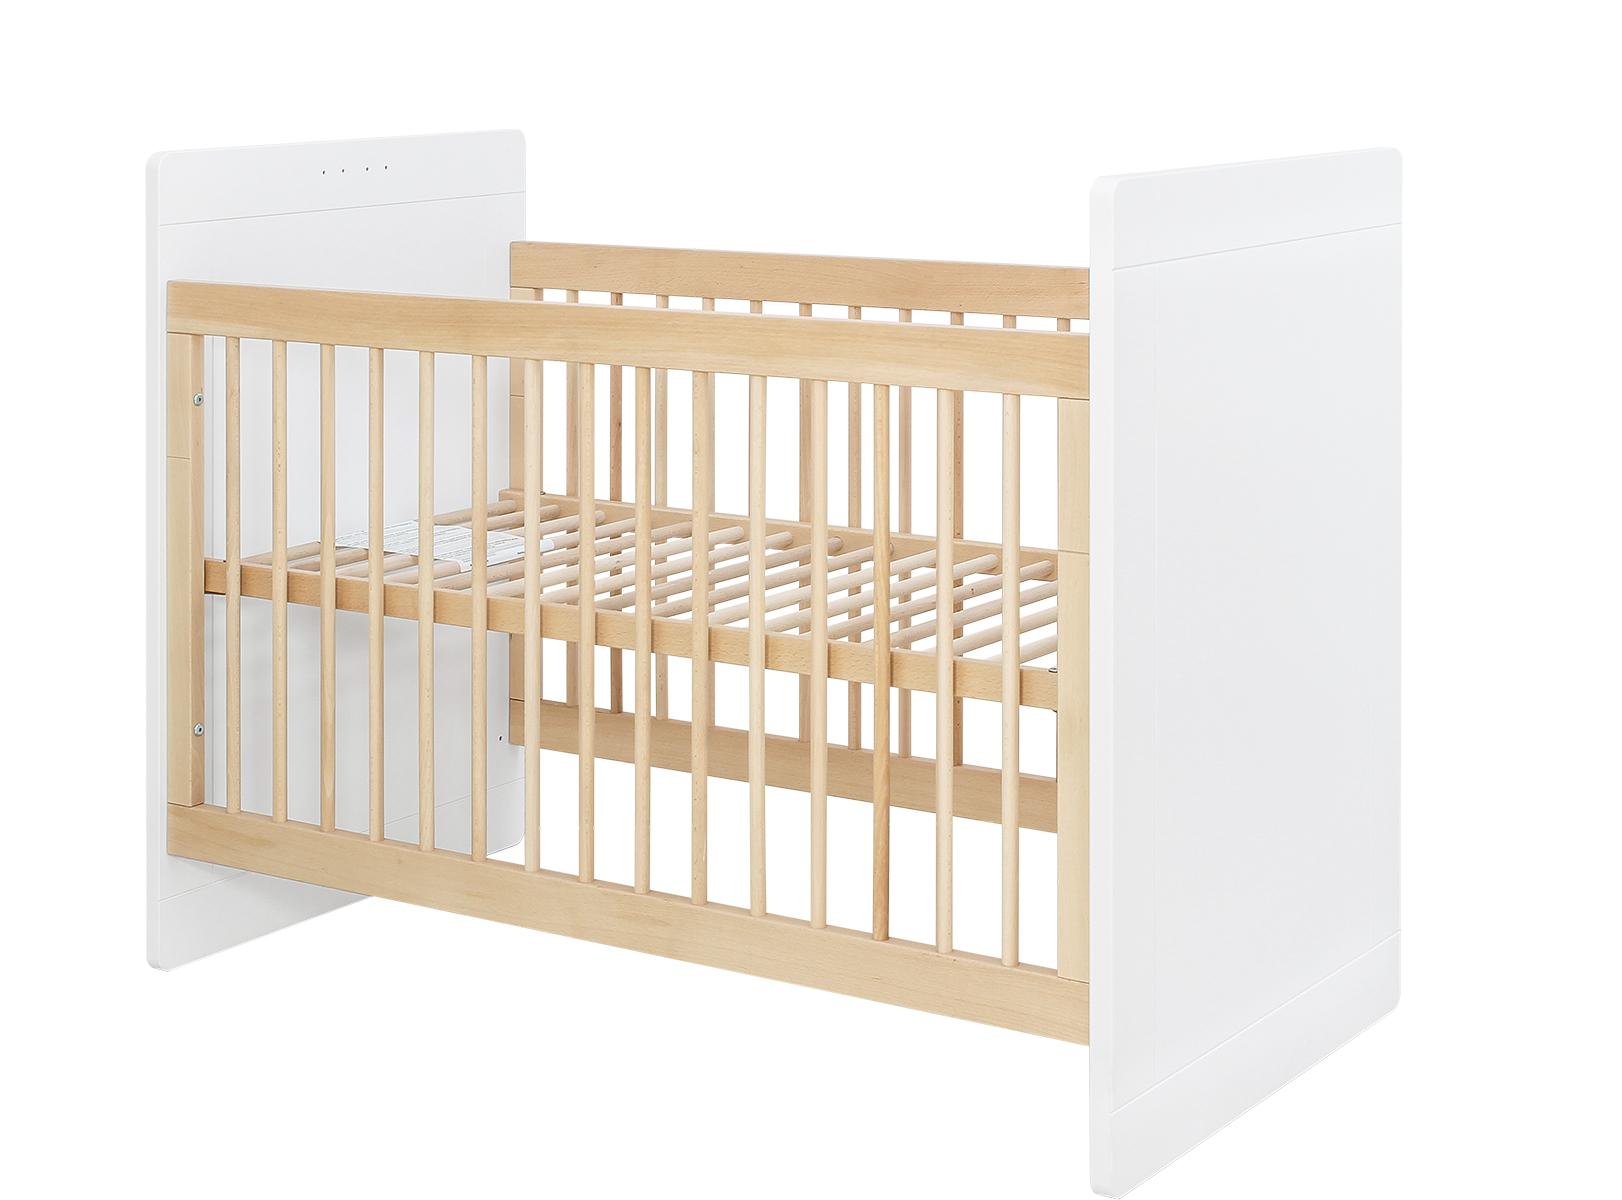 Full Size of Bopita Bettschublade Belle Babybett Umbaubar Bett Wohnzimmer Bopita Bettschublade